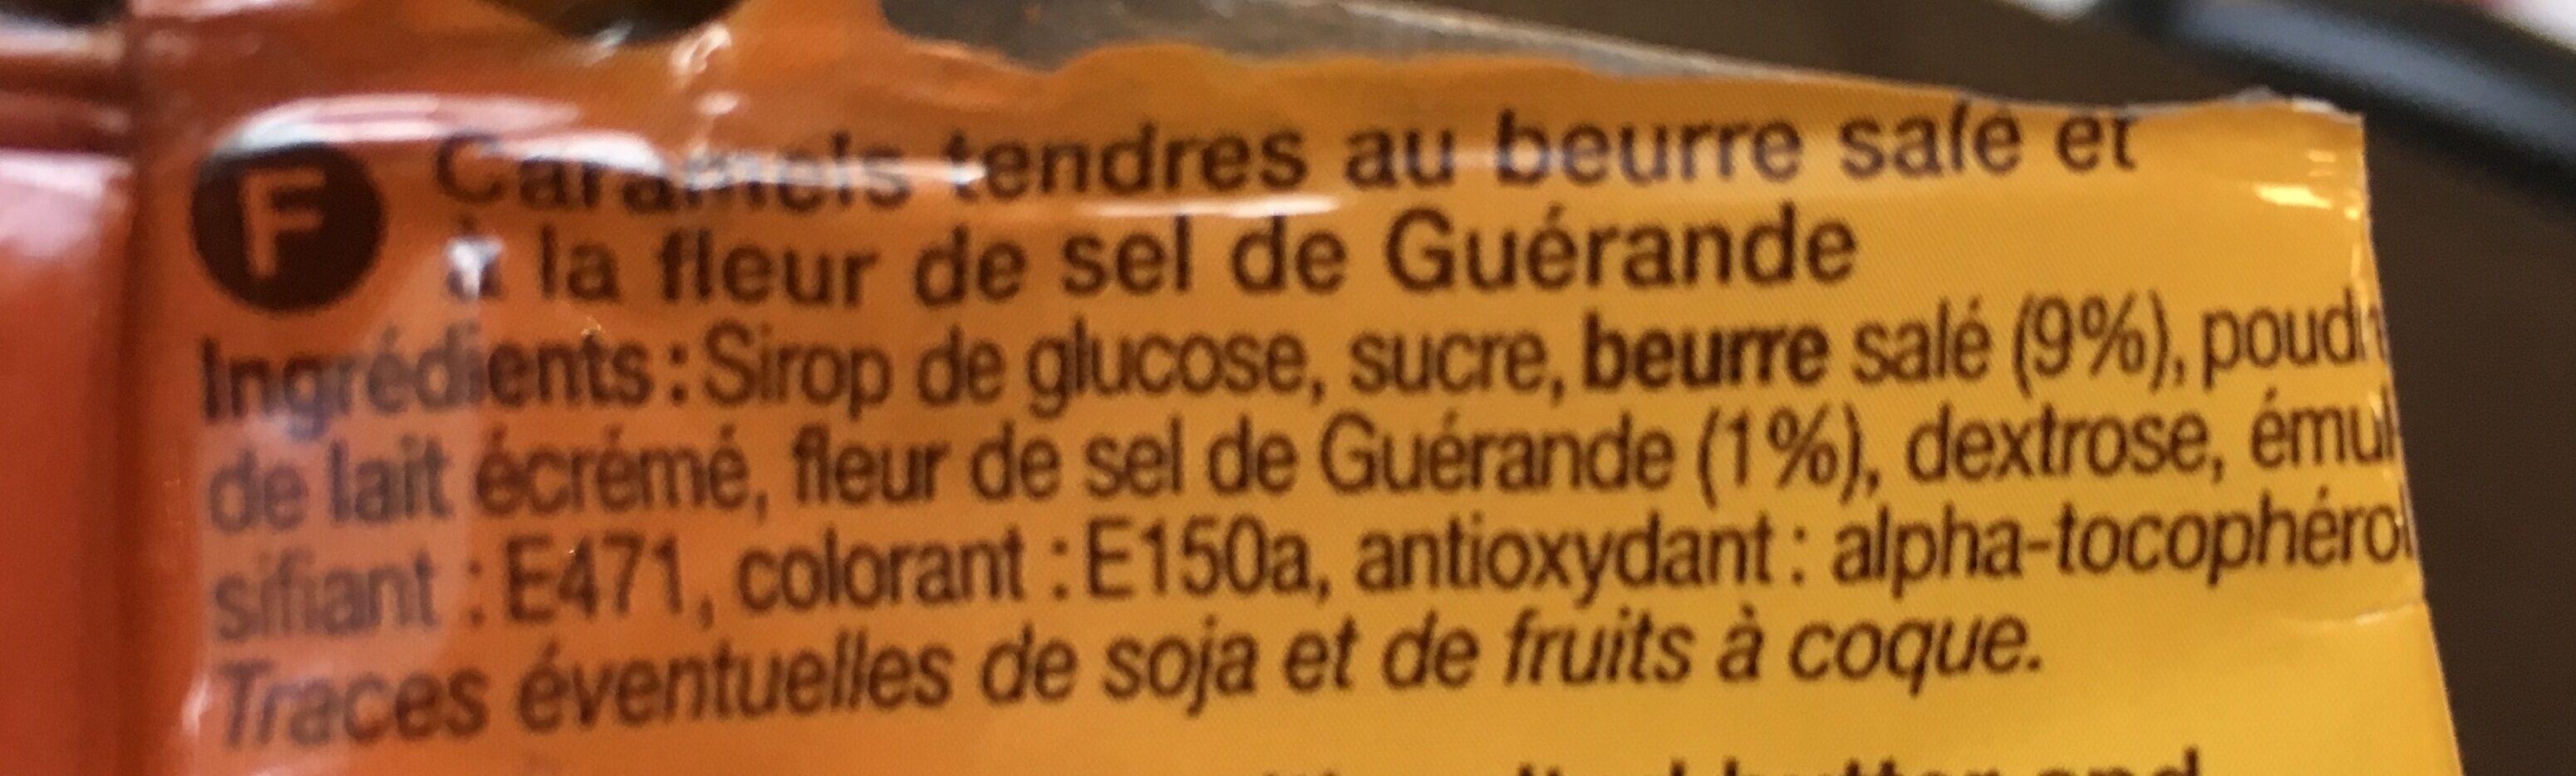 Caramels au beurre salé et à la fleur de sel de guérande - Ingrediënten